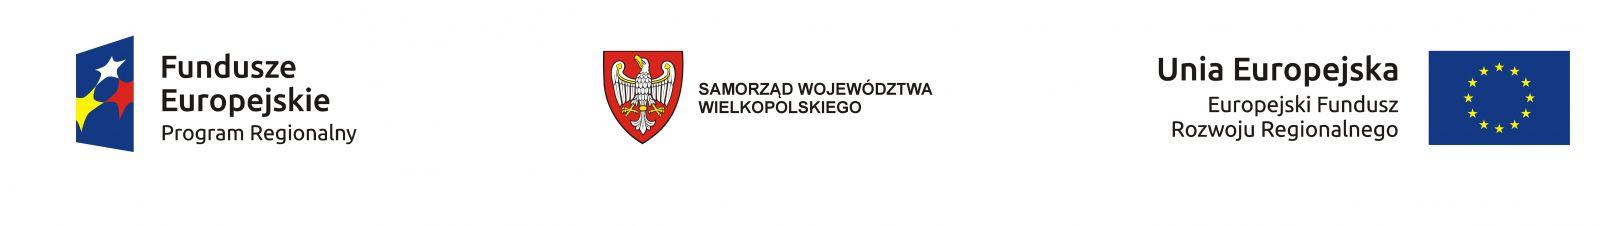 https://powiat.konin.pl/userfiles/images/Realizowane%20PROJEKTY/EFRR_Samorzad_kolor.jpg